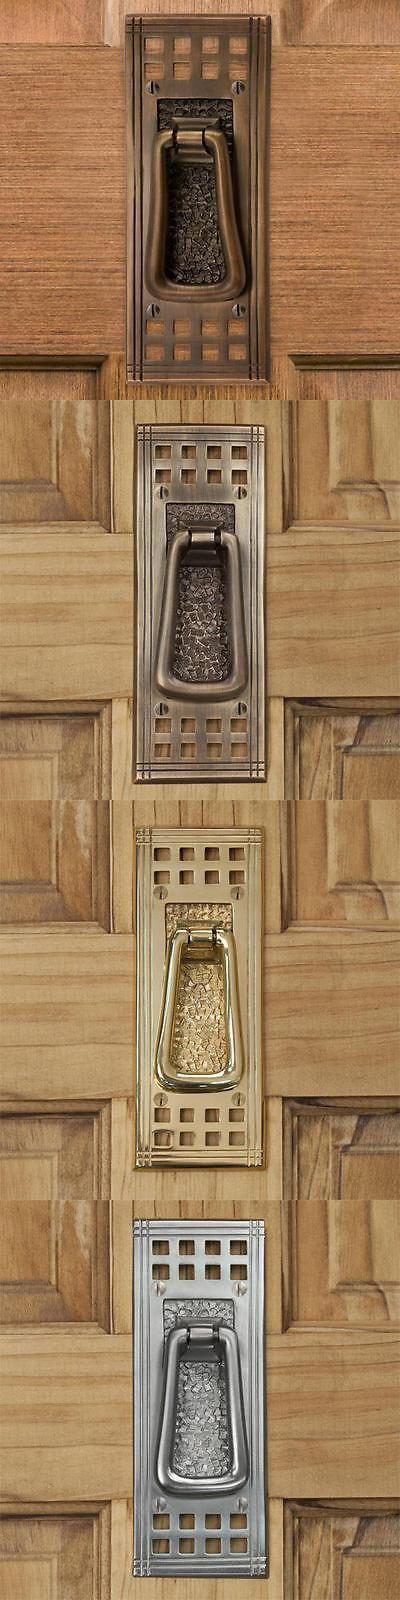 Door Knockers 180965: Signature Hardware Mission Brass Door Knocker -> BUY IT NOW ONLY: $49.95 on eBay!